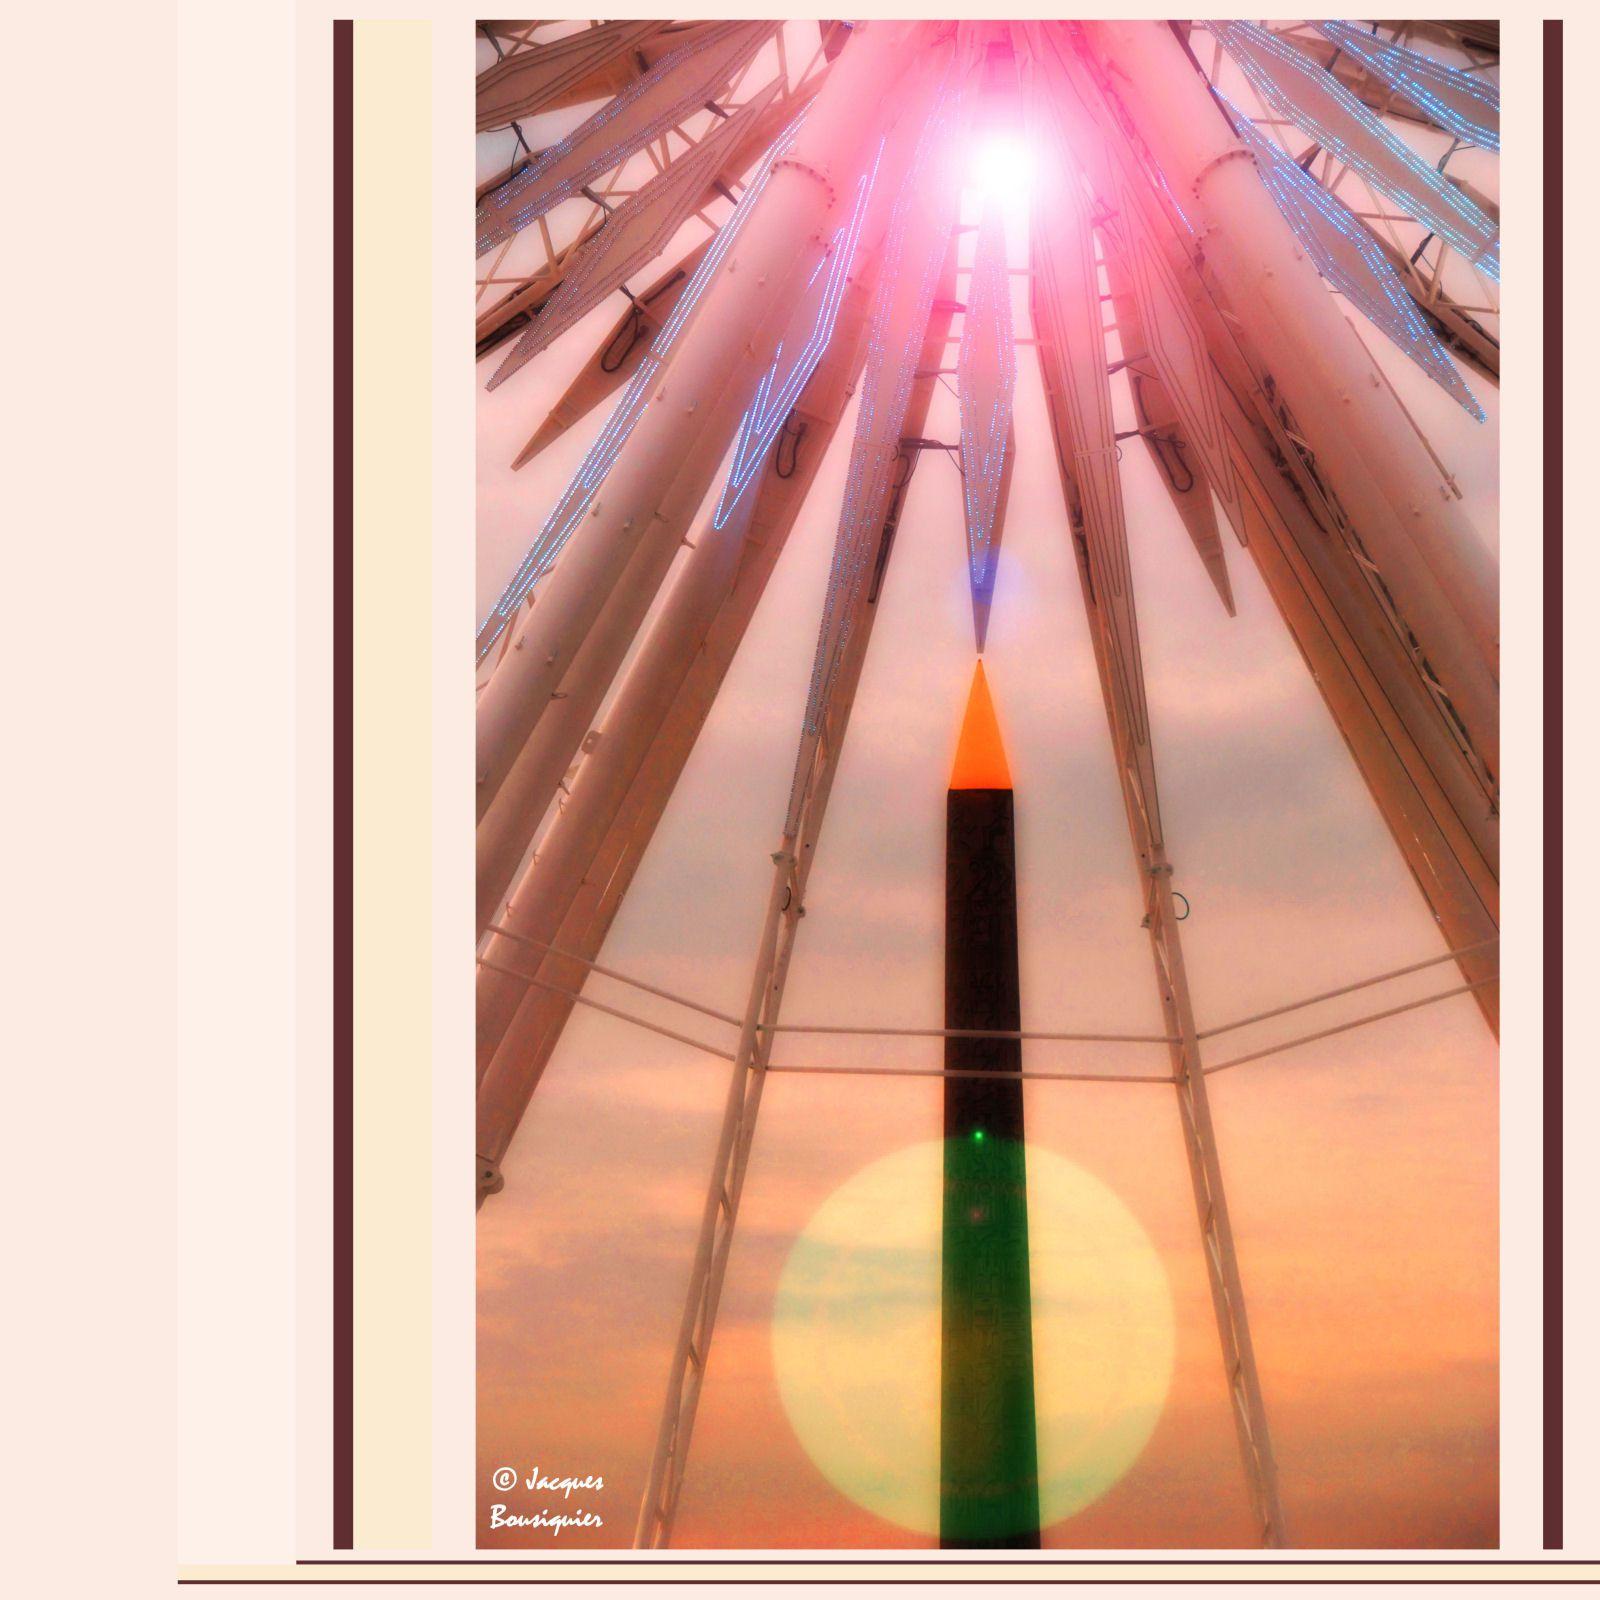 Soleil de Concorde